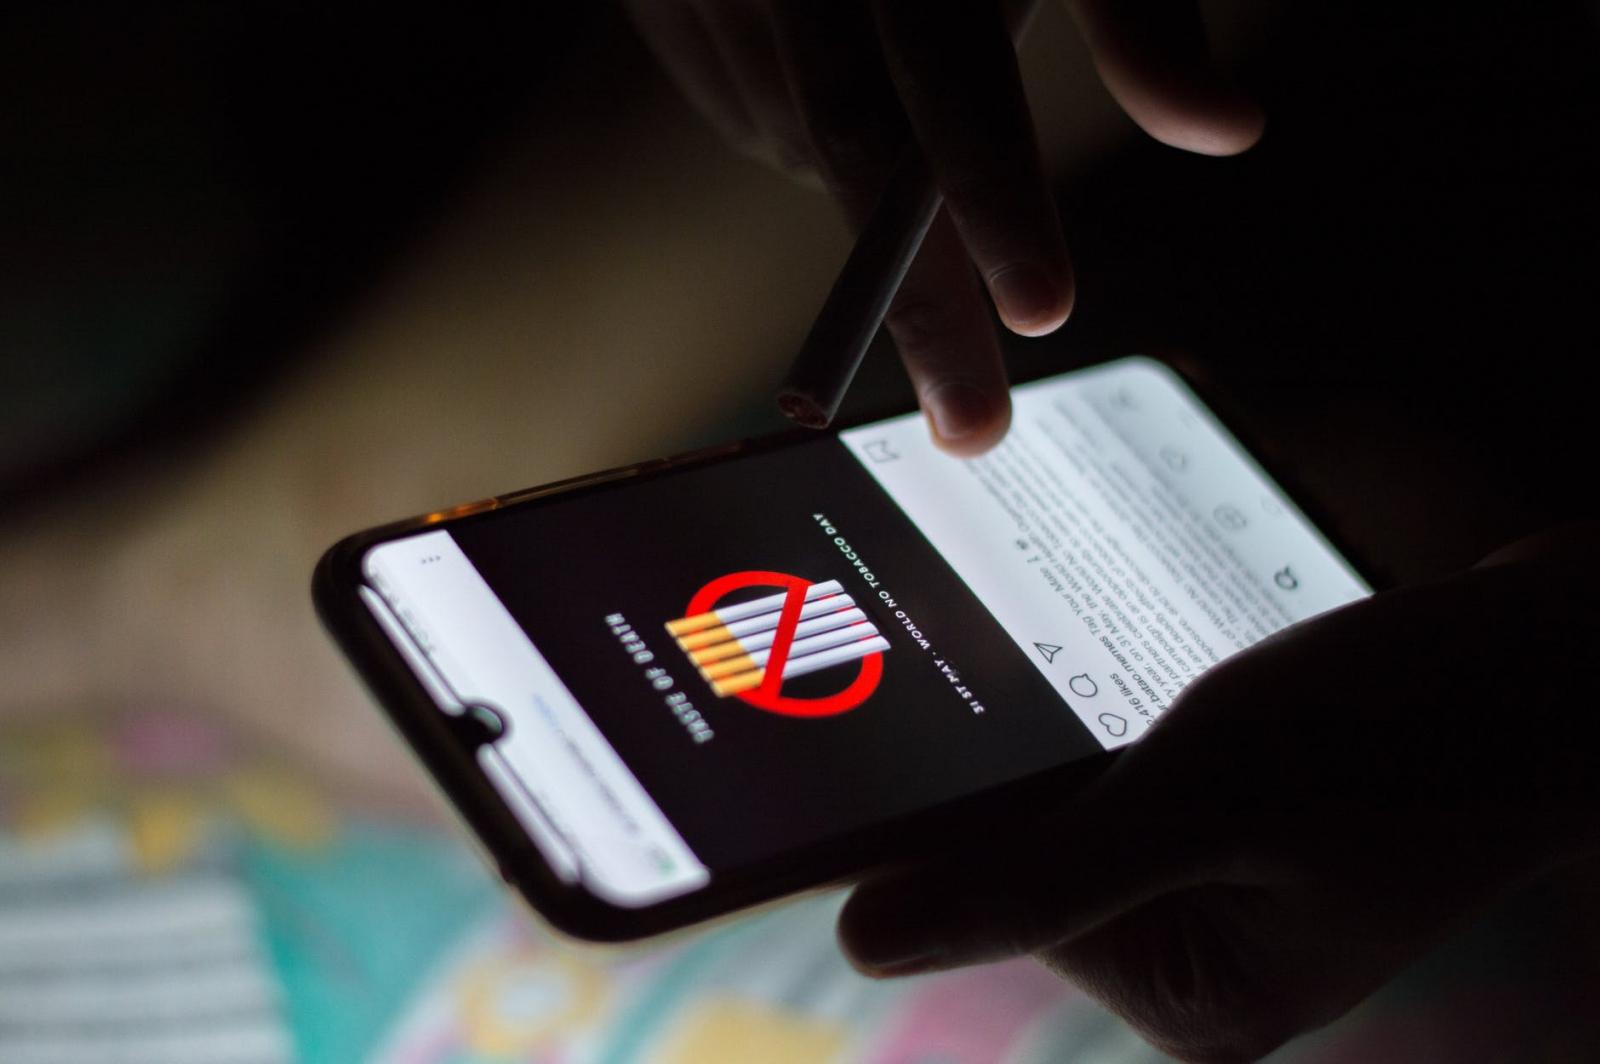 【科技新知】Instagram (IG)如何過濾敏感貼文?敏感內容控制項設定教學